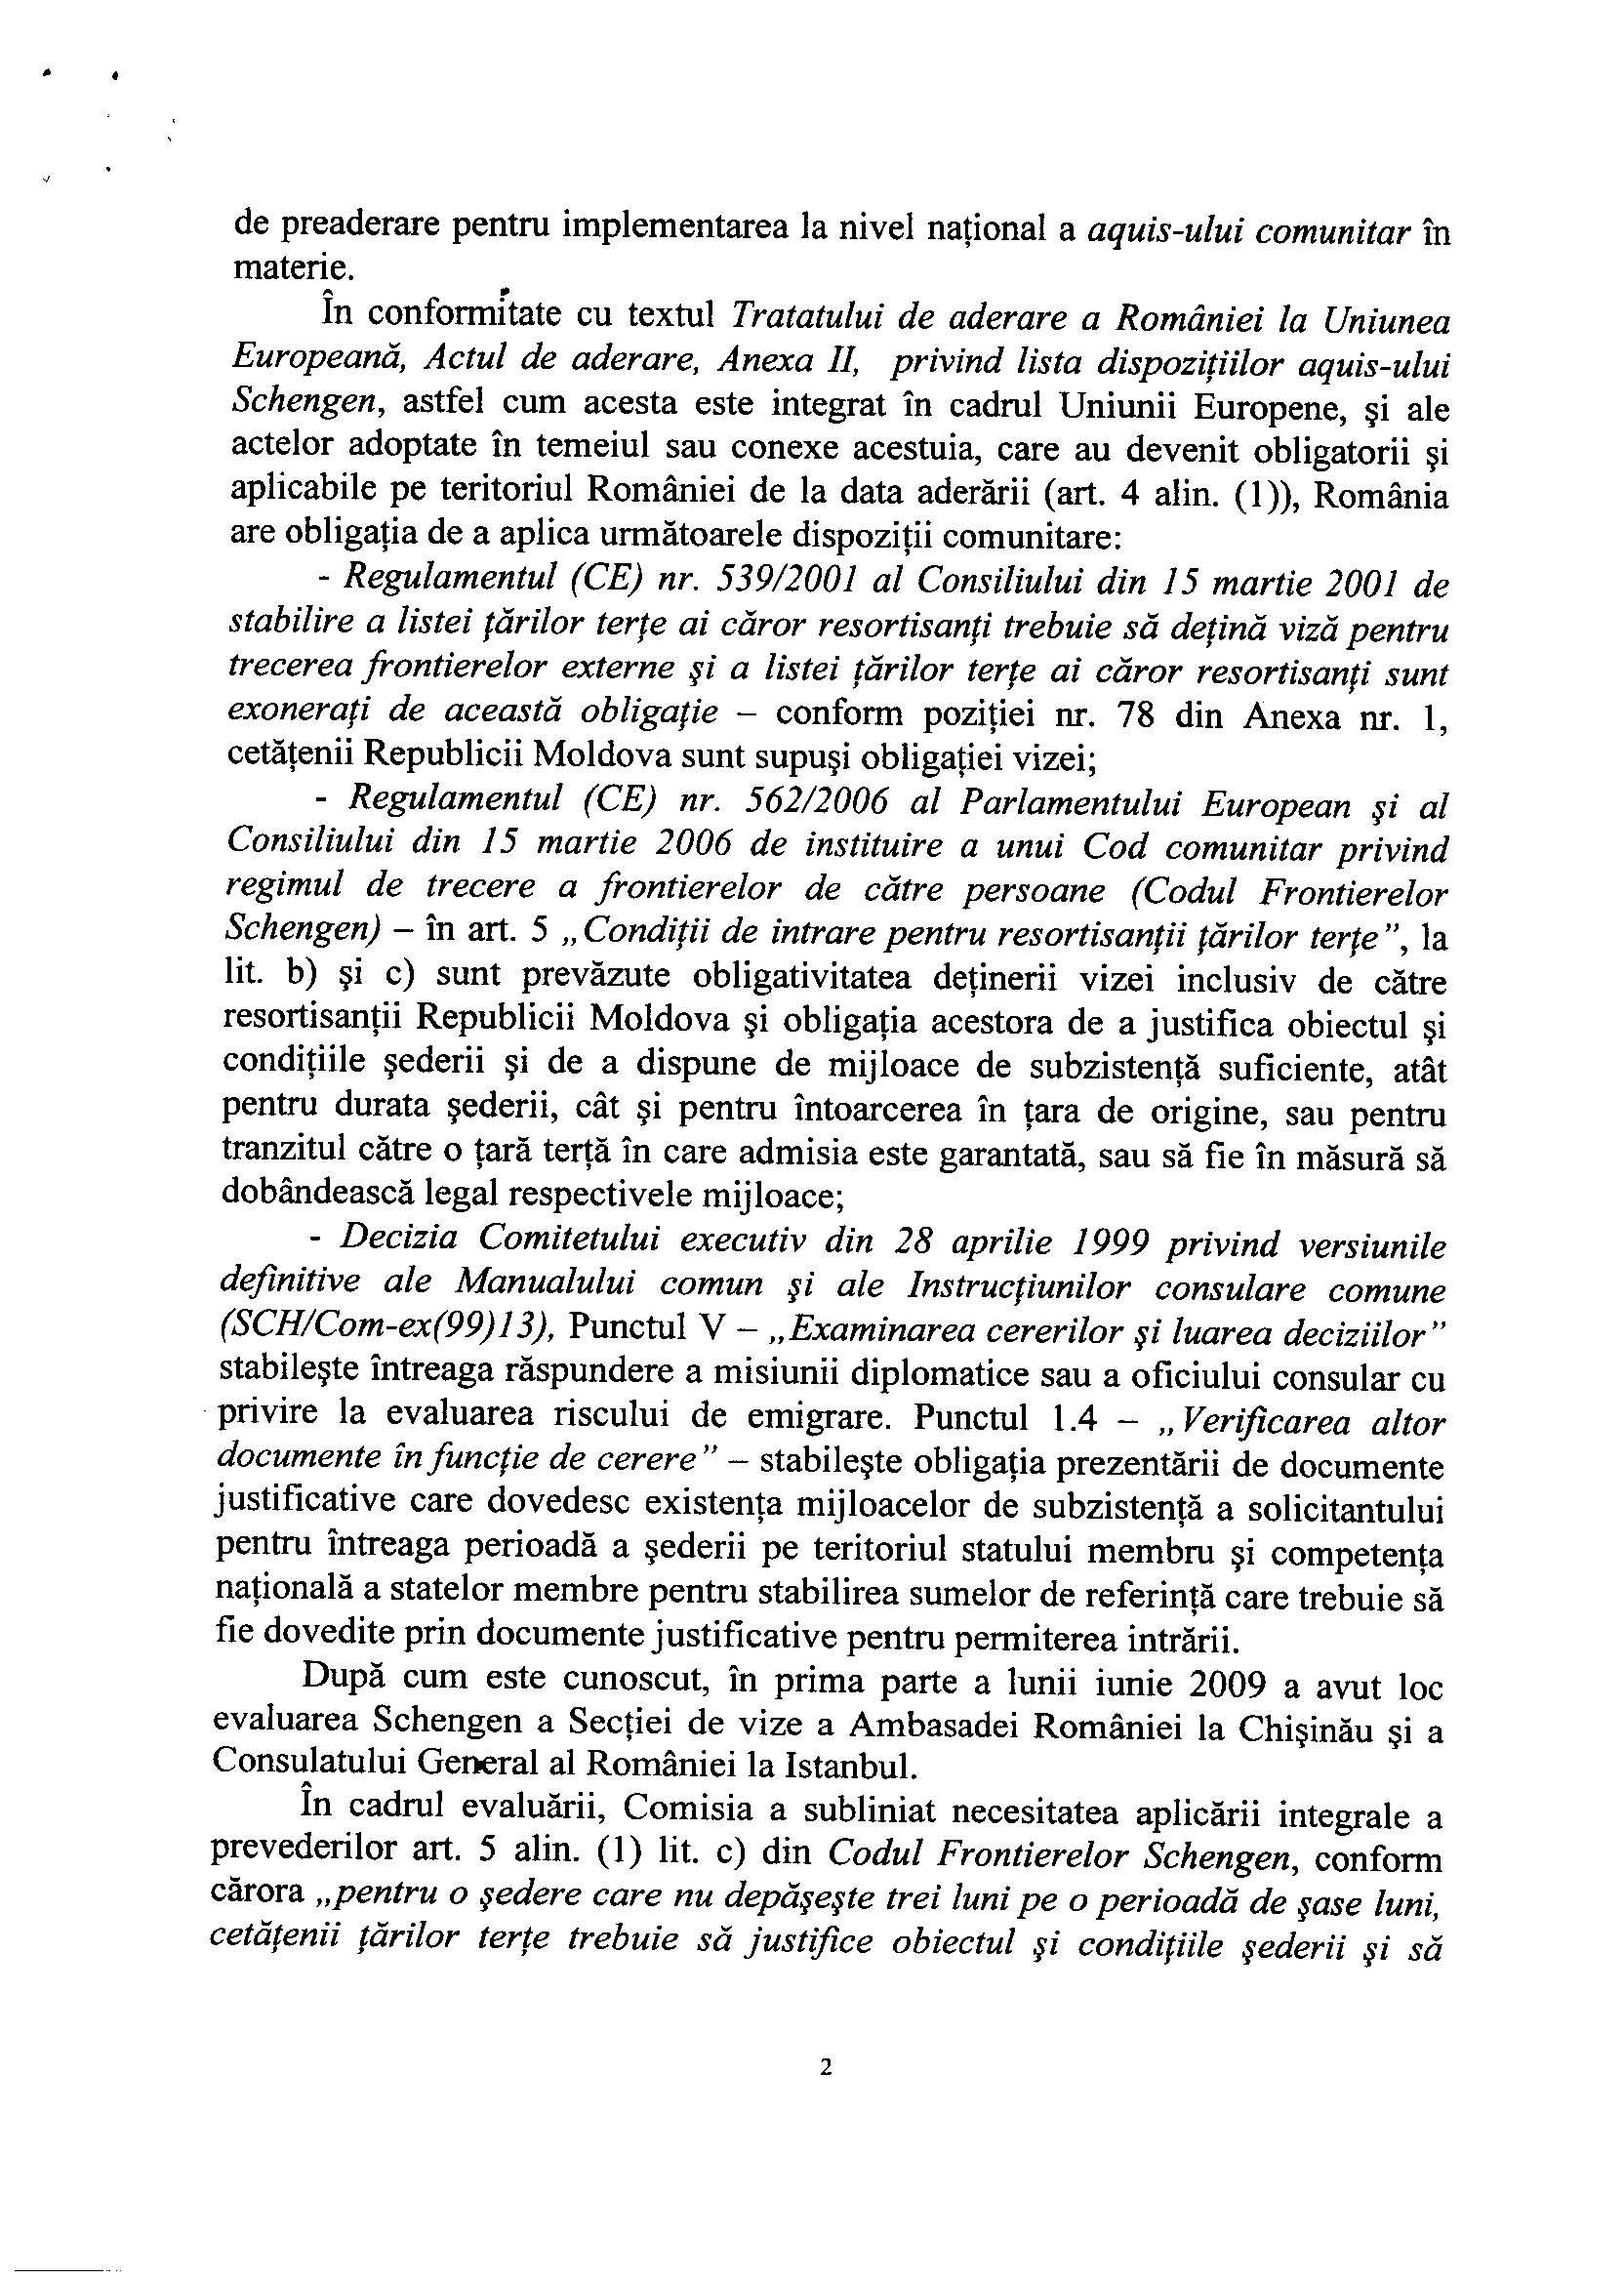 pvg658-2.jpg